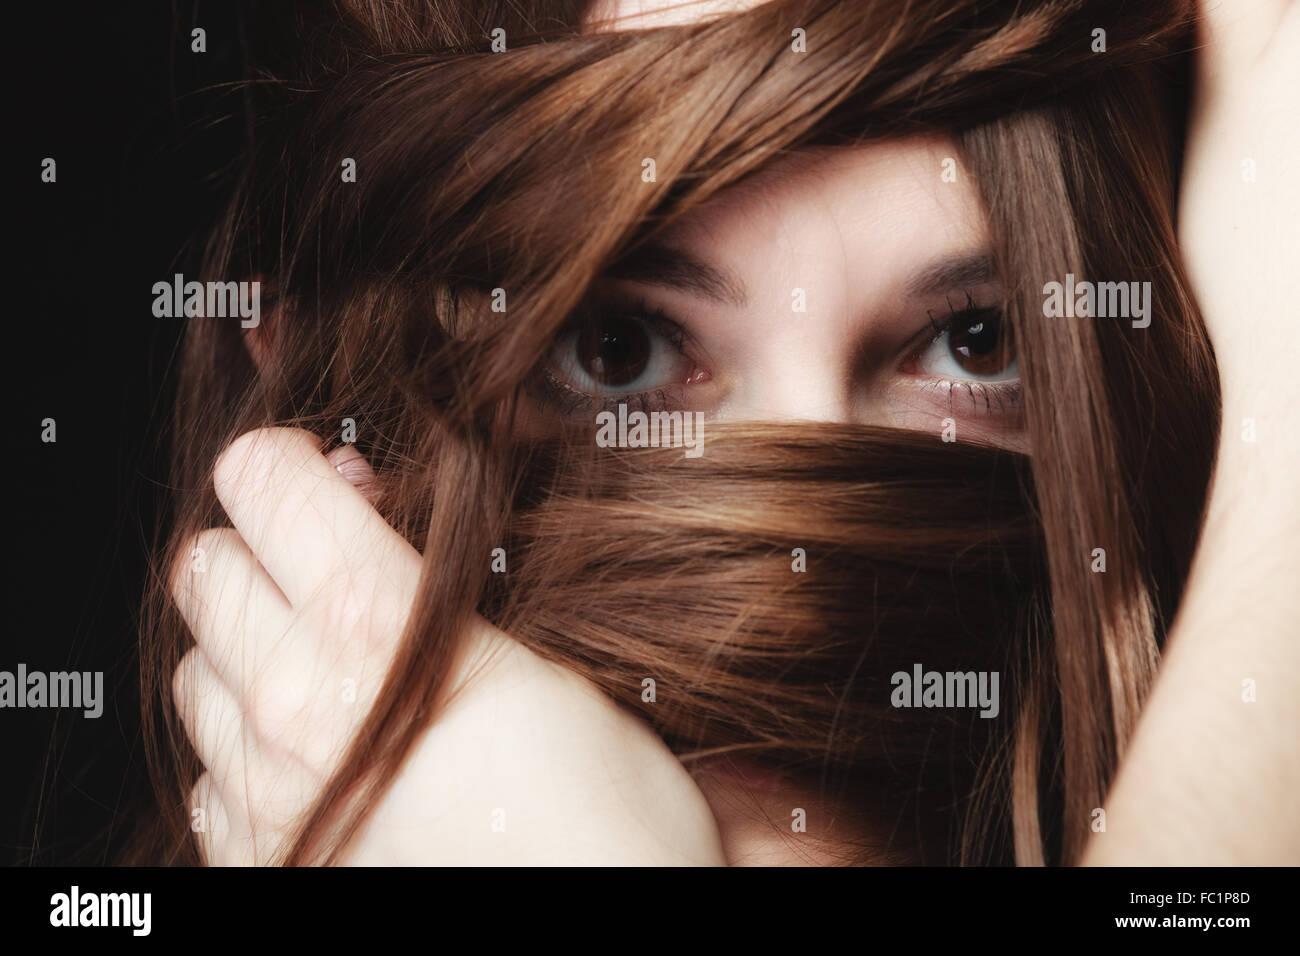 Femme couvre la face par de longs poils bruns Banque D'Images